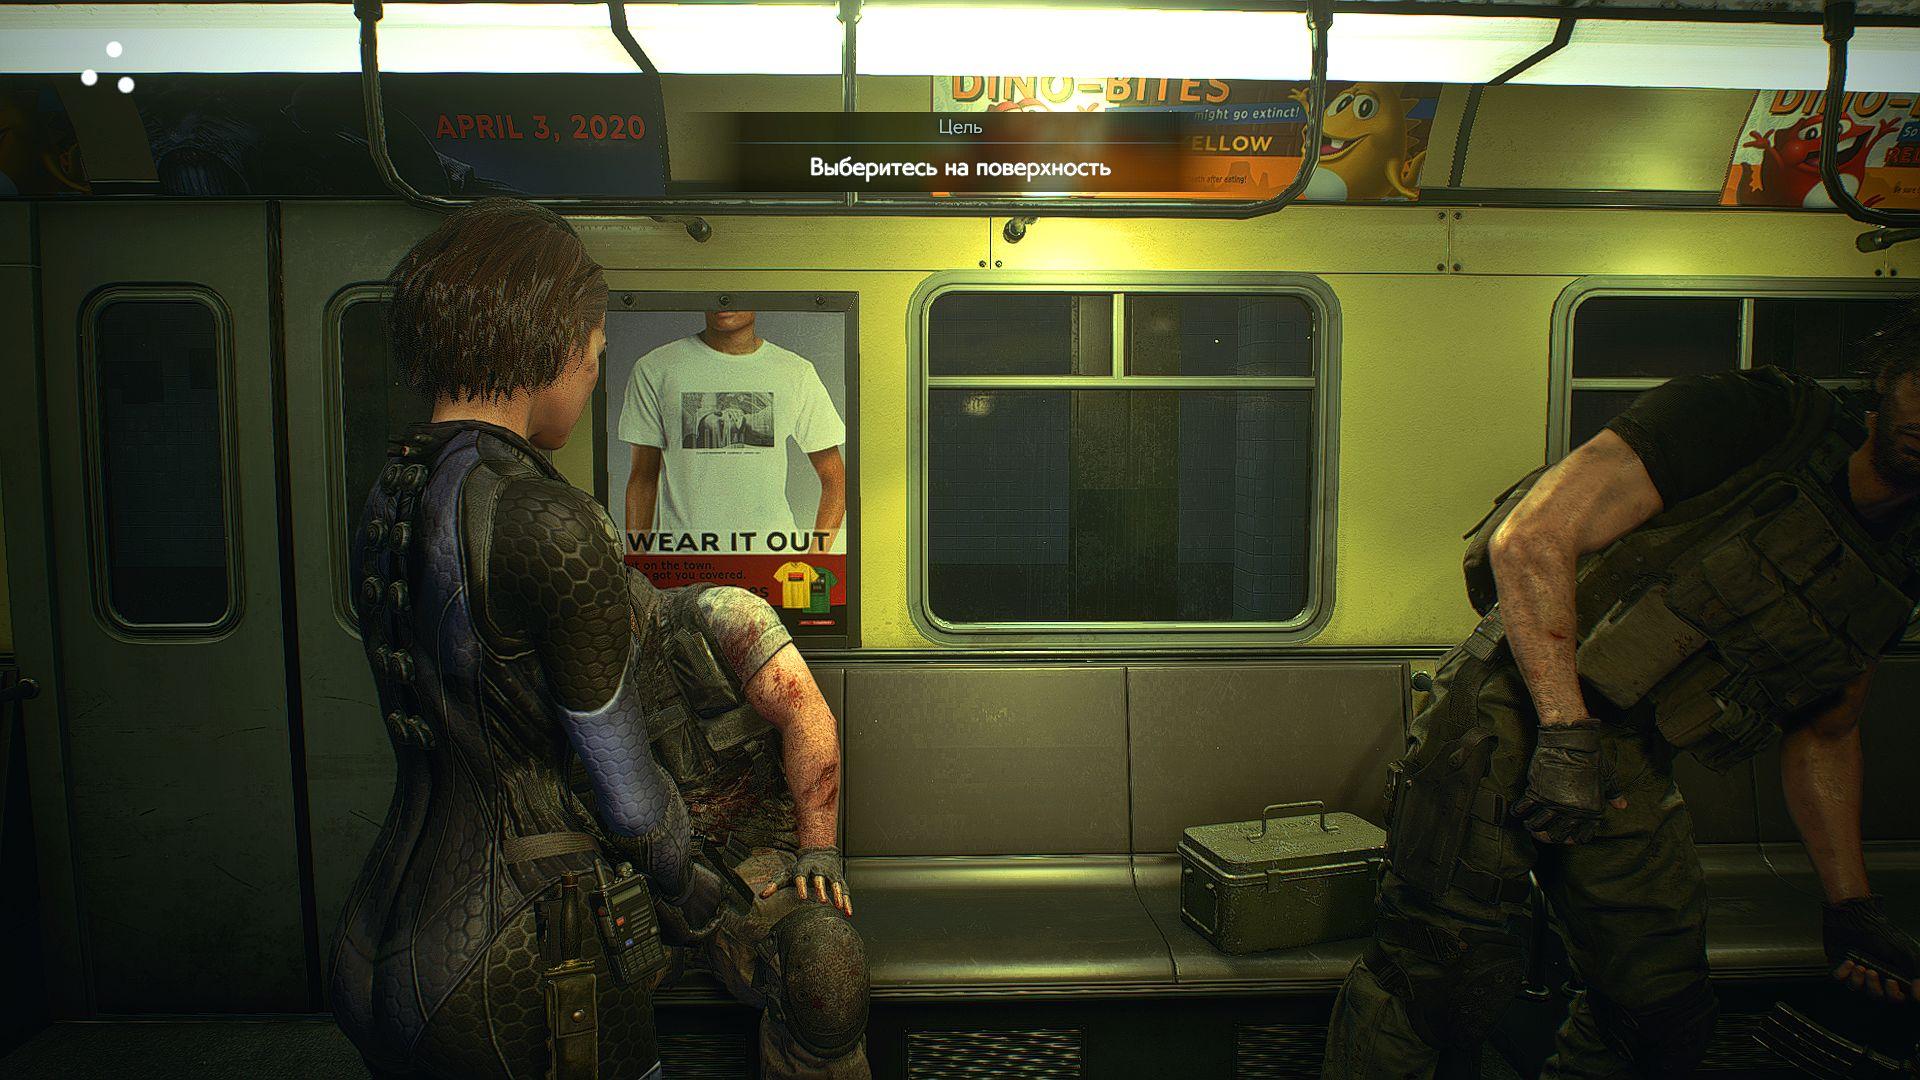 00078.Jpg - Resident Evil 3: Nemesis